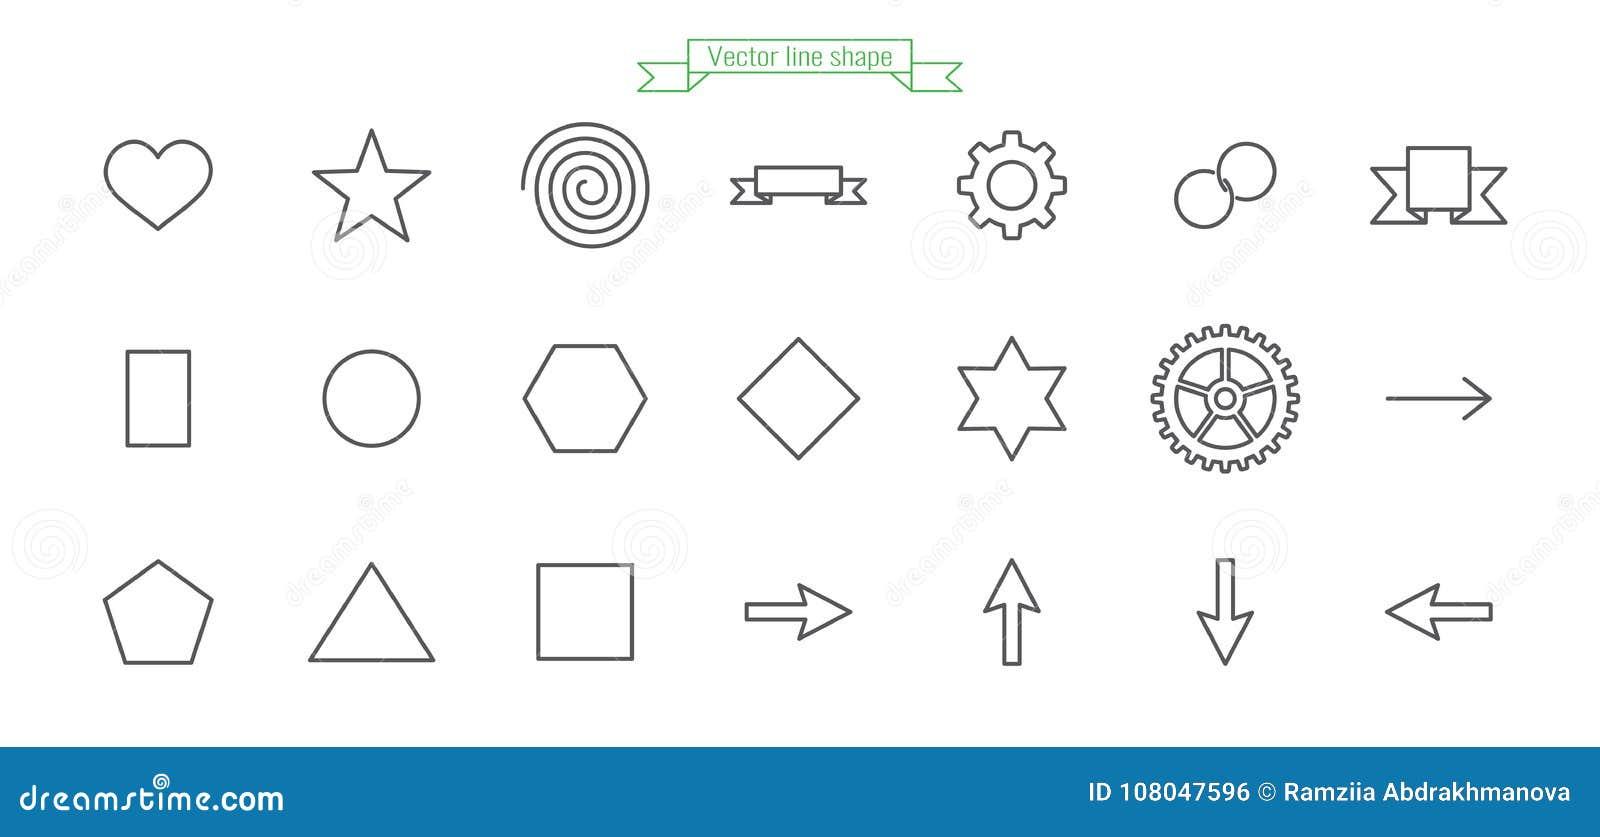 Icono, Línea, Sistema, Grande, Amor, Forma, Corazón, Estrella ...